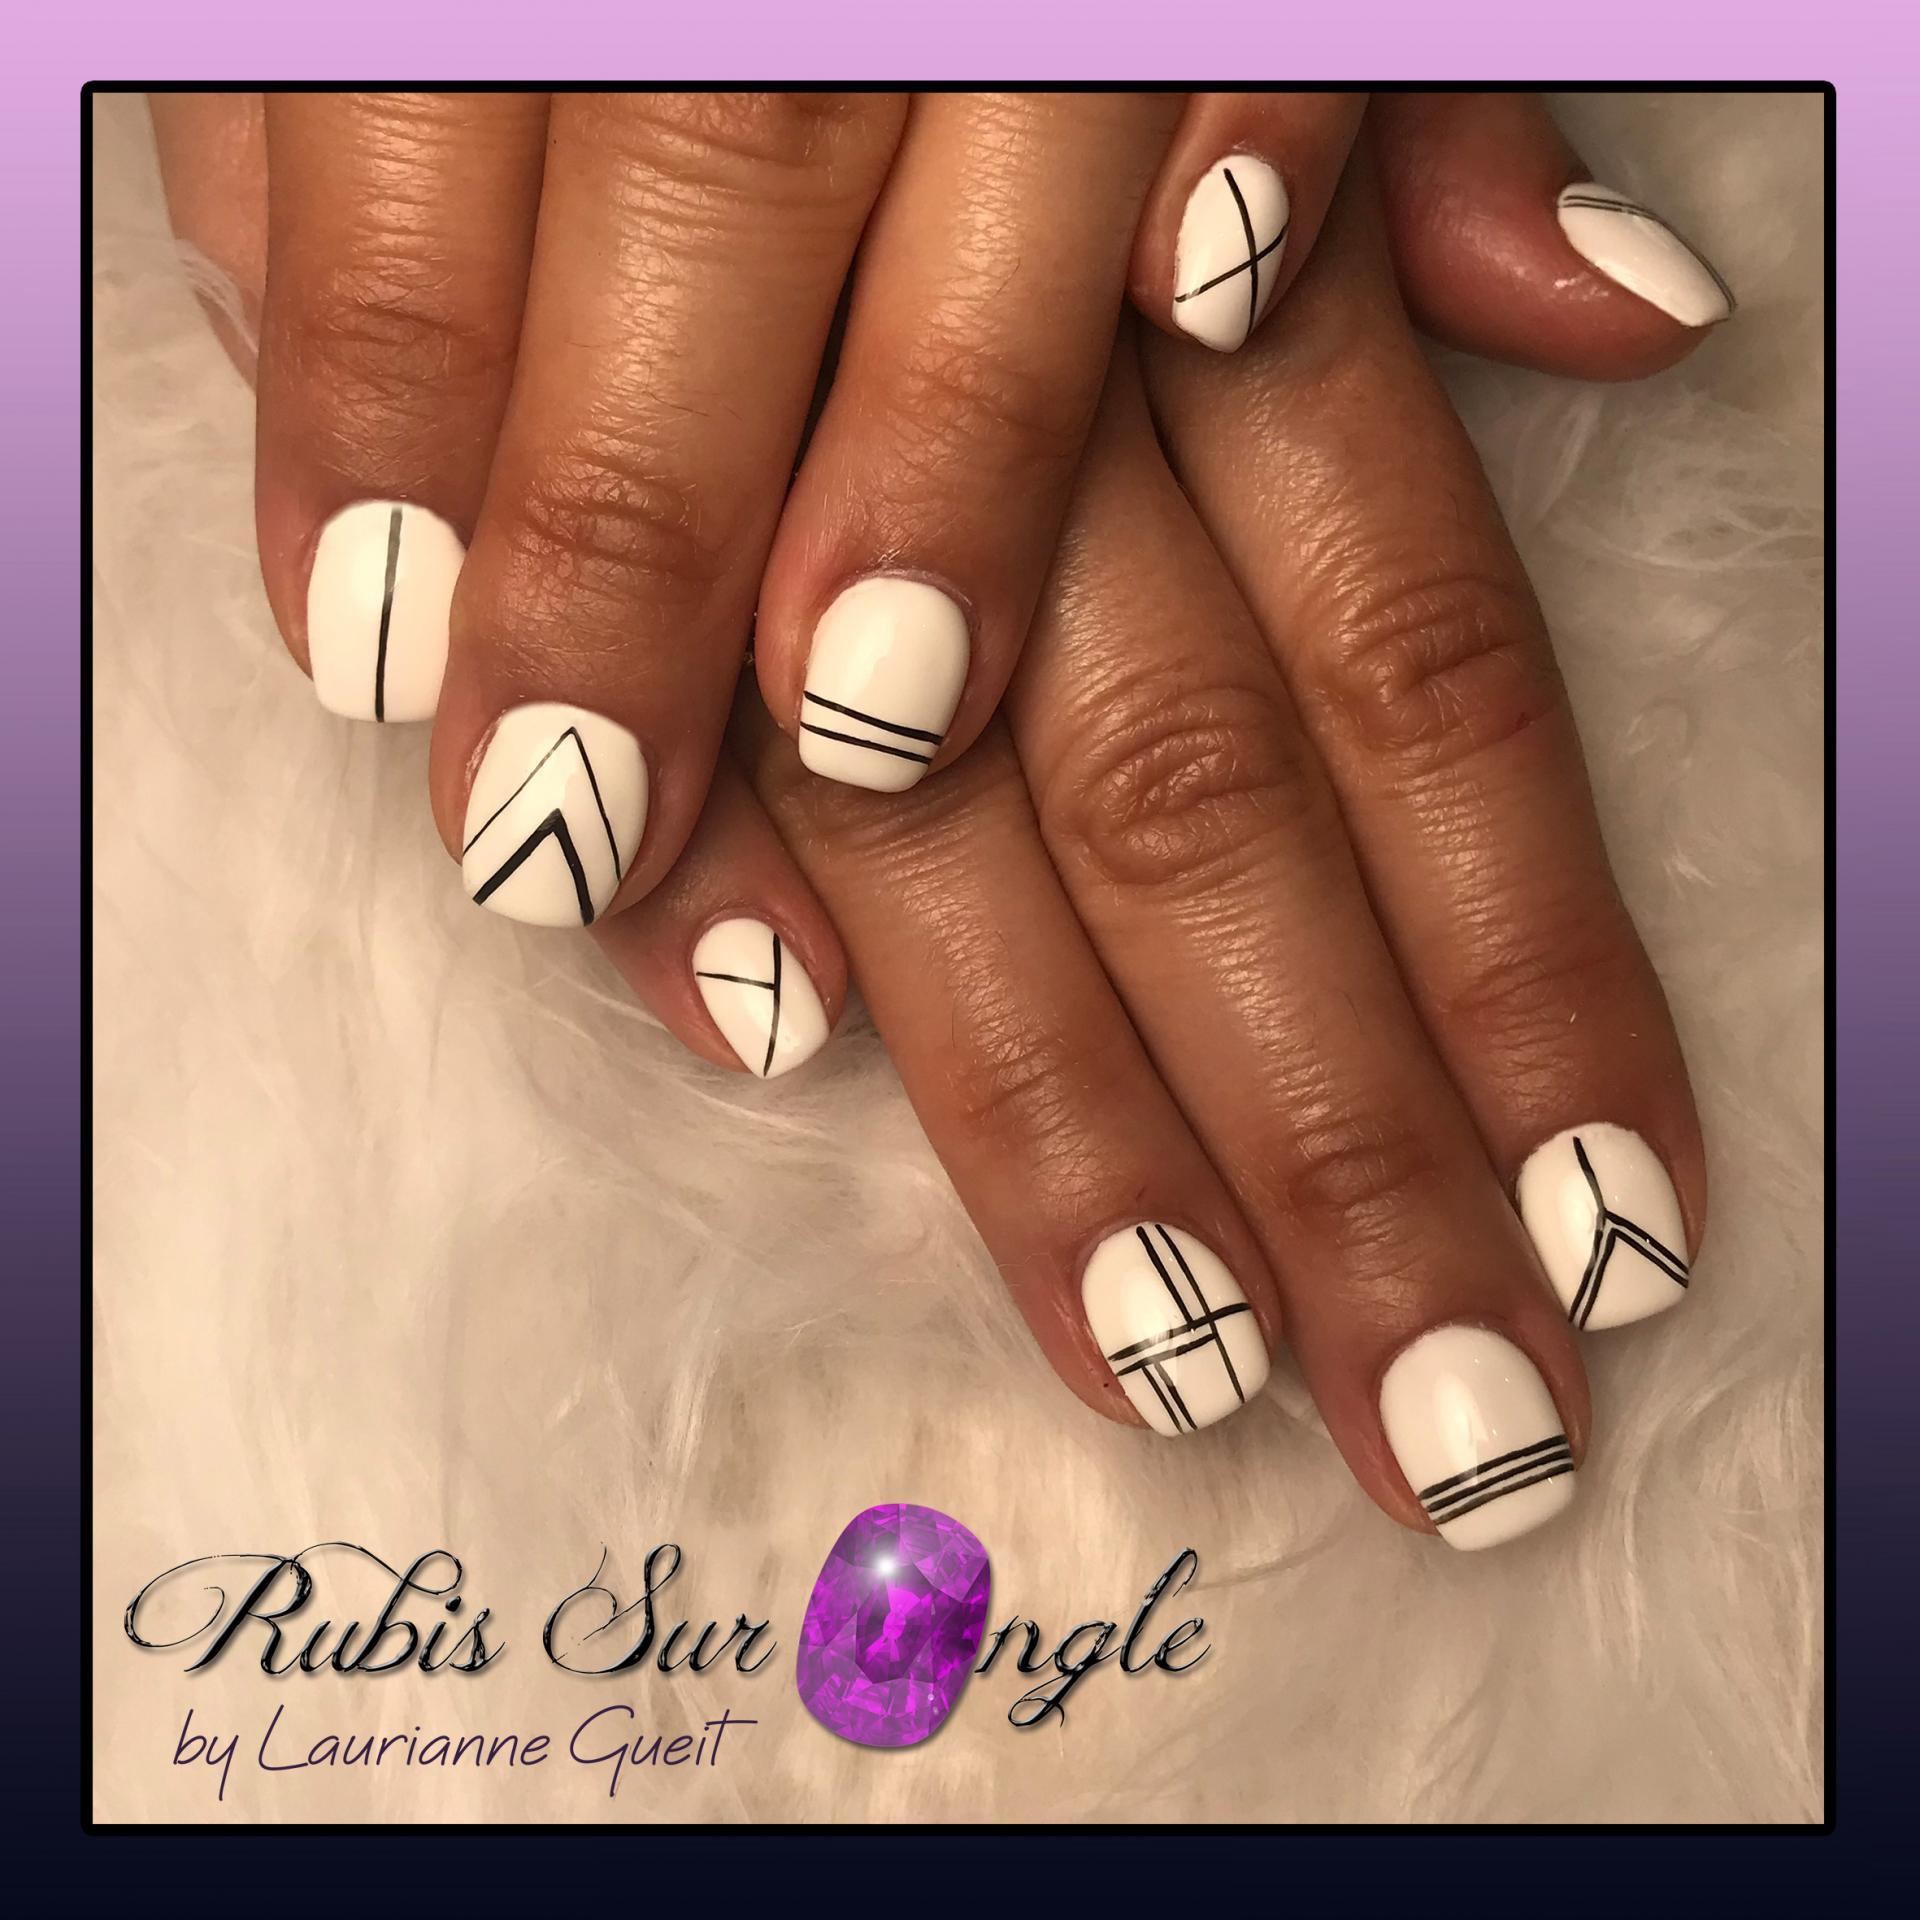 Rubis Sur Ongle Nail Art Graphique